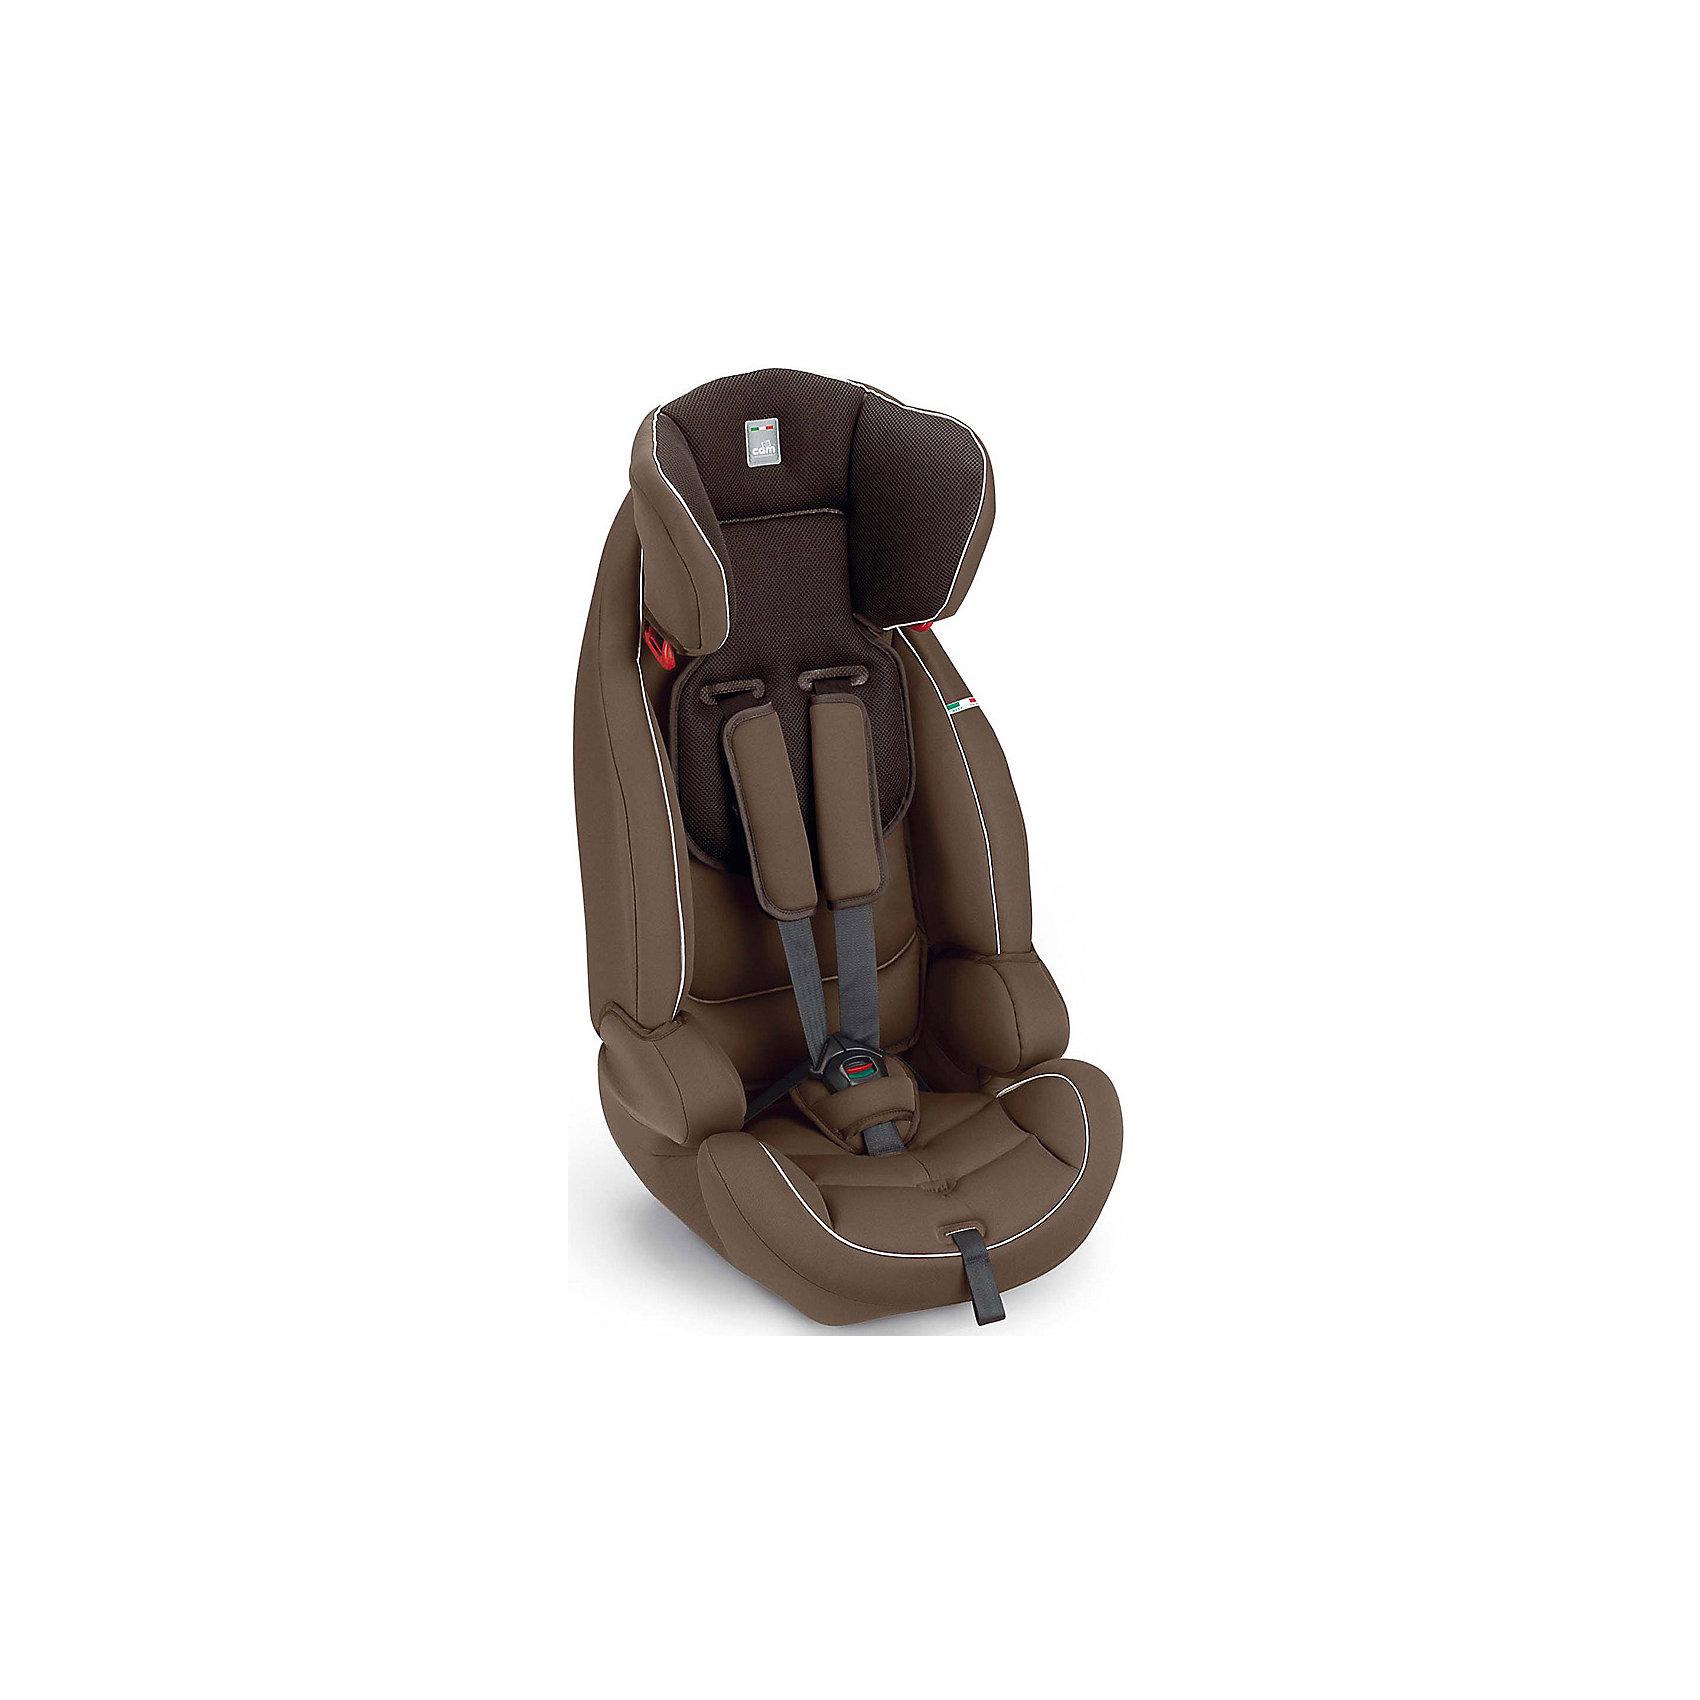 Автокресло Le Mans, 9-36кг., CAM, шоколадАвтокресло Le Mans, CAM - комфортная надежная модель, которая сделает поездку Вашего ребенка приятной и безопасной. Благодаря особой конструкции автокресло может использоваться в течении длительного времени и охватывает весовые категории детей от 1 года до 12 лет.<br>Комфортное кресло оснащено ортопедической спинкой с регулируемым углом наклона и обеспечивает удобство сидения во время длительных поездок. Подголовник регулируется по высоте в зависимости от роста ребенка. Для малышей предусмотрен мягкий анатомический вкладыш.<br>Регулируемые 5-точечные ремни безопасности с мягкими плечевыми накладками надежно удерживают ребенка в кресле. Противоударный каркас и усиленная боковая защита уберегут ребёнка от серьезных травм.  <br><br>Автокресло легко и надежно устанавливается на заднее сиденье автомобиля по ходу движения. Для детей постарше (2-й группы, 15 -36 кг.) ремни автокресла можно снять и использовать штатные ремни автомобиля, которые фиксируются специальными ограничителями. Для детей 3-й<br>группы (весом 22-36 кг.) съемная спинка демонтируется и сиденье используется в качестве бустера. Кресло изготовлено из высококачественных материалов, износостойкие тканевые чехлы снимаются для чистки или стирки при температуре 30 градусов. Соответствует европейскому<br>стандарту безопасности ECE R44/04. Рассчитано на детей от 1 года до 12 лет, весом 9-36 кг.<br><br><br>Дополнительная информация: <br><br>- Цвет: шоколад.<br>- Вес ребенка: 9-36 кг. (1-12 лет).<br>- Группа 1-2-3.<br>- Материал: пластик, полиэстер. <br>- Размеры кресла: 45 x 43 x 75 см. <br>- Вес: 6,4 кг.<br><br>Автокресло Le Mans, 9-36 кг., CAM, шоколад, можно купить в нашем интернет-магазине.<br><br>Ширина мм: 465<br>Глубина мм: 460<br>Высота мм: 815<br>Вес г: 5500<br>Возраст от месяцев: 6<br>Возраст до месяцев: 144<br>Пол: Унисекс<br>Возраст: Детский<br>SKU: 4761365